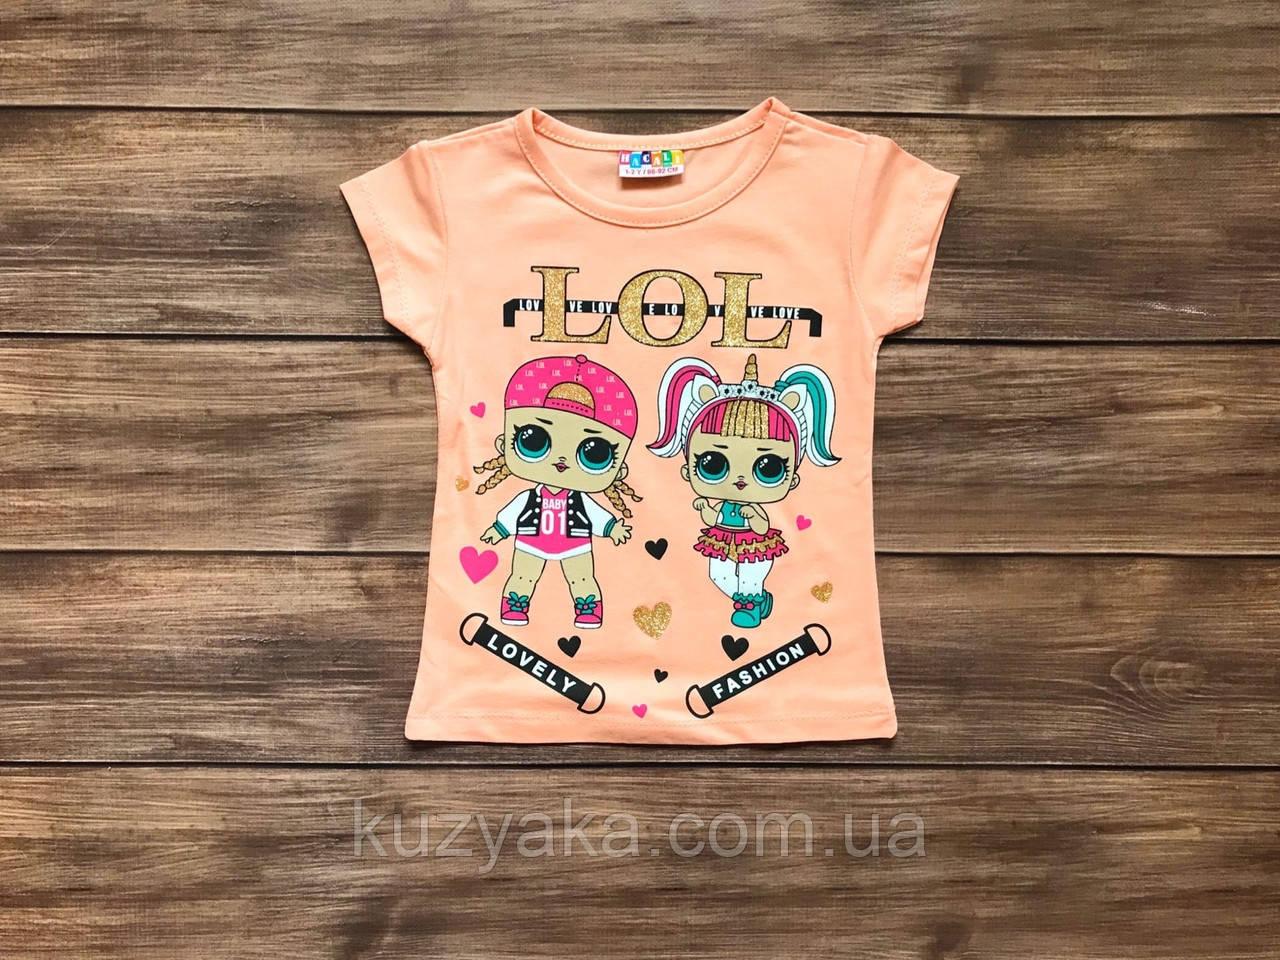 Детская футболка ЛОЛ для девочки на 1-8 лет